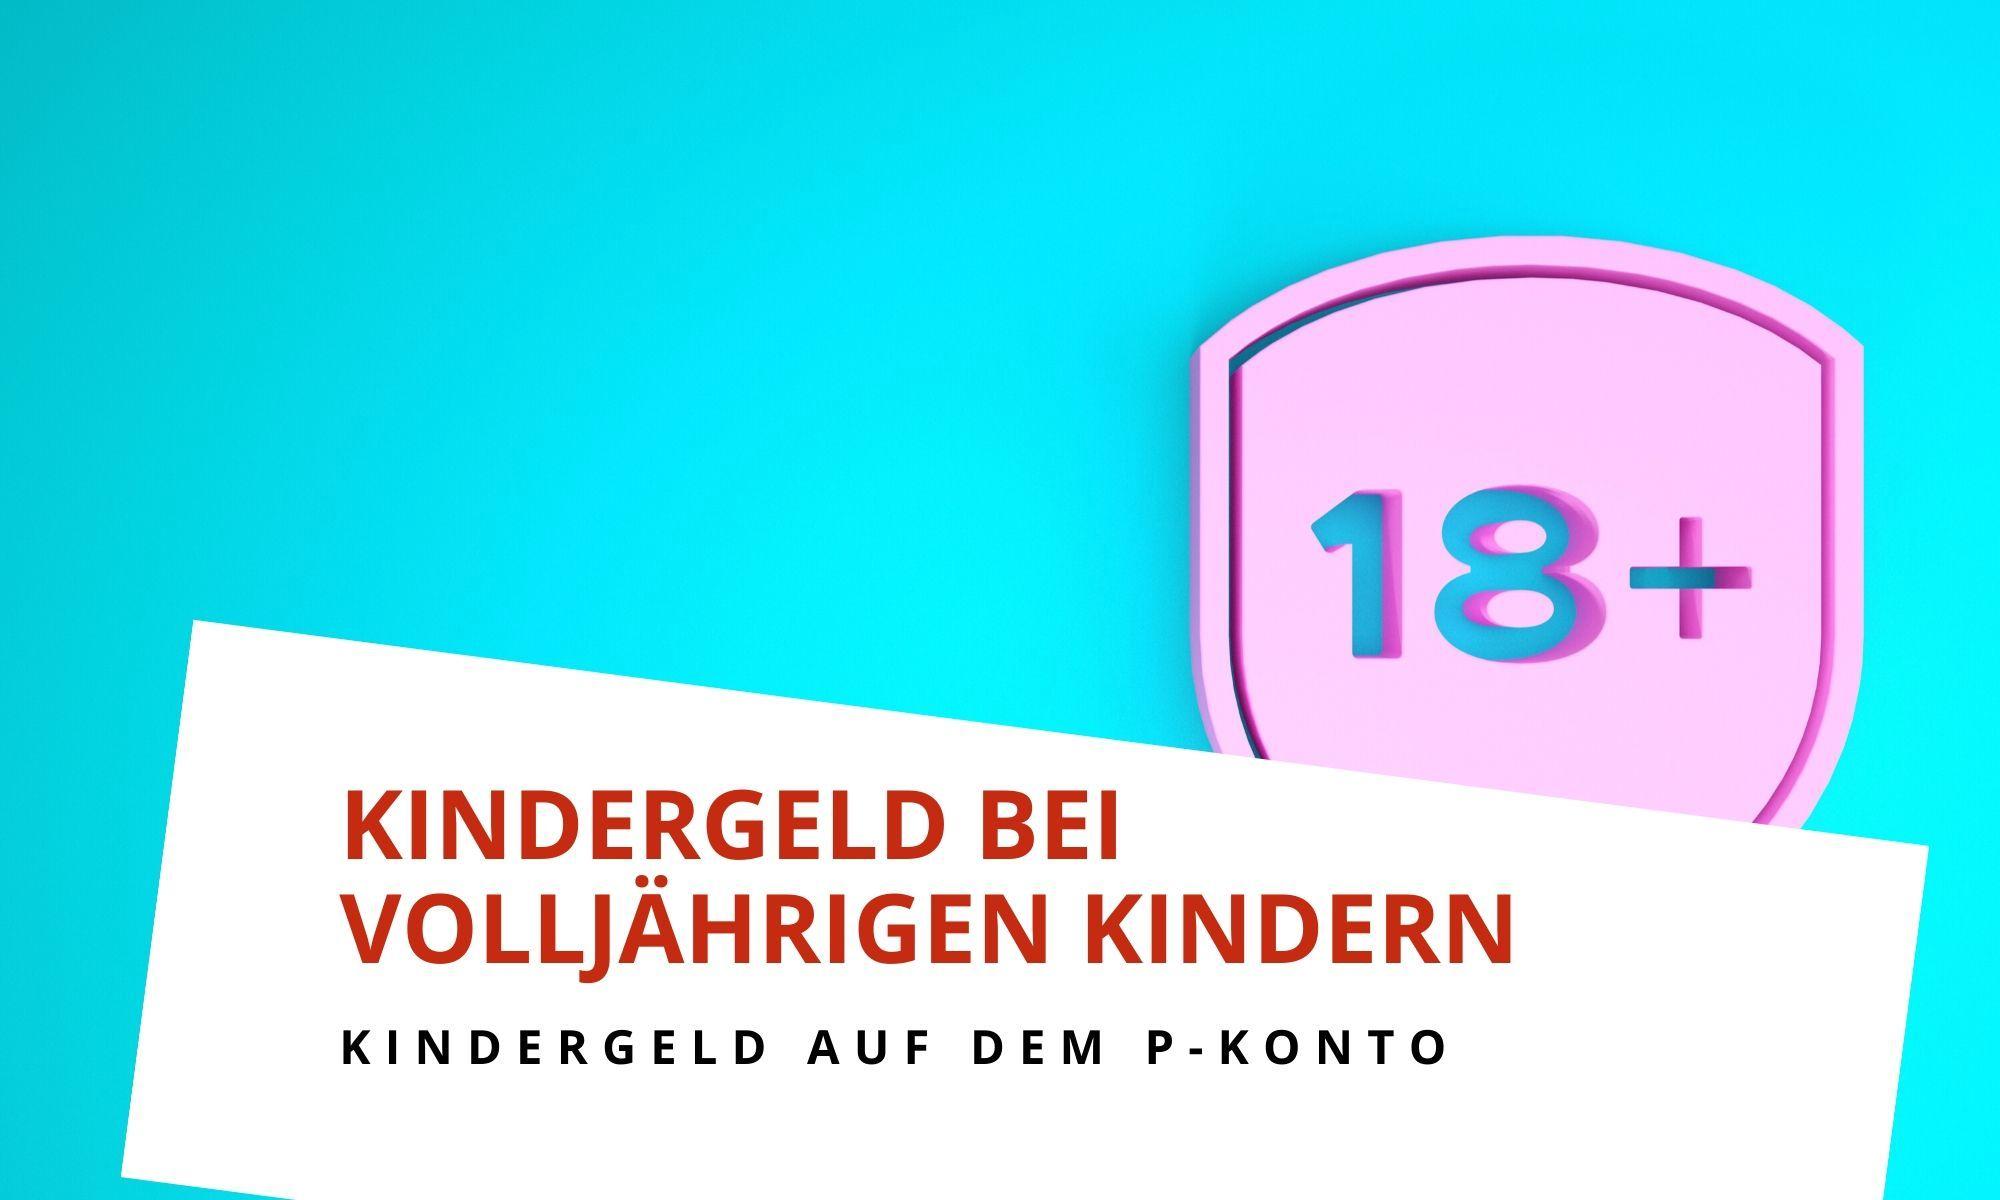 Unterhaltspflicht und Kindergeld bei volljährigen Kindern auf einem P-Konto